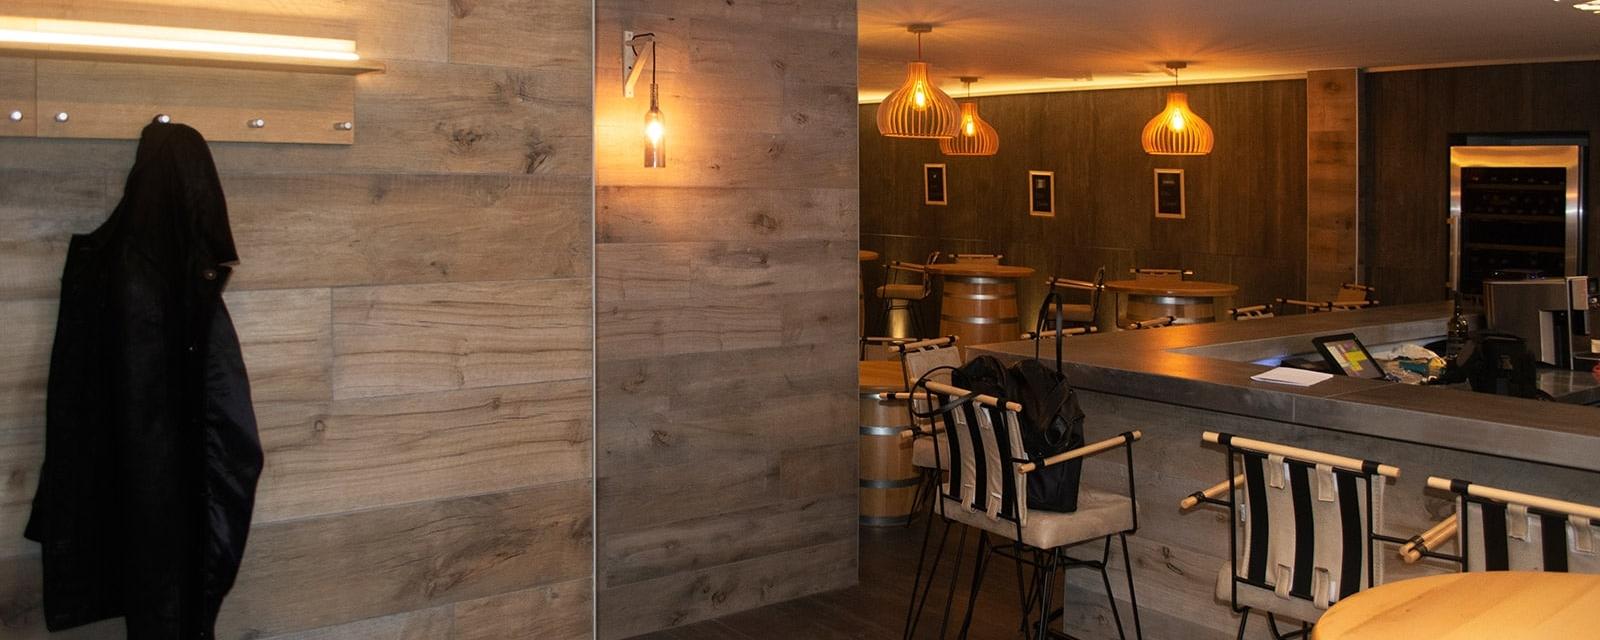 Bar à vin –Changement d'affectation d'un local de torréfaction en bar à vin dans la zone ville ancienne, La Chaux-de-Fonds